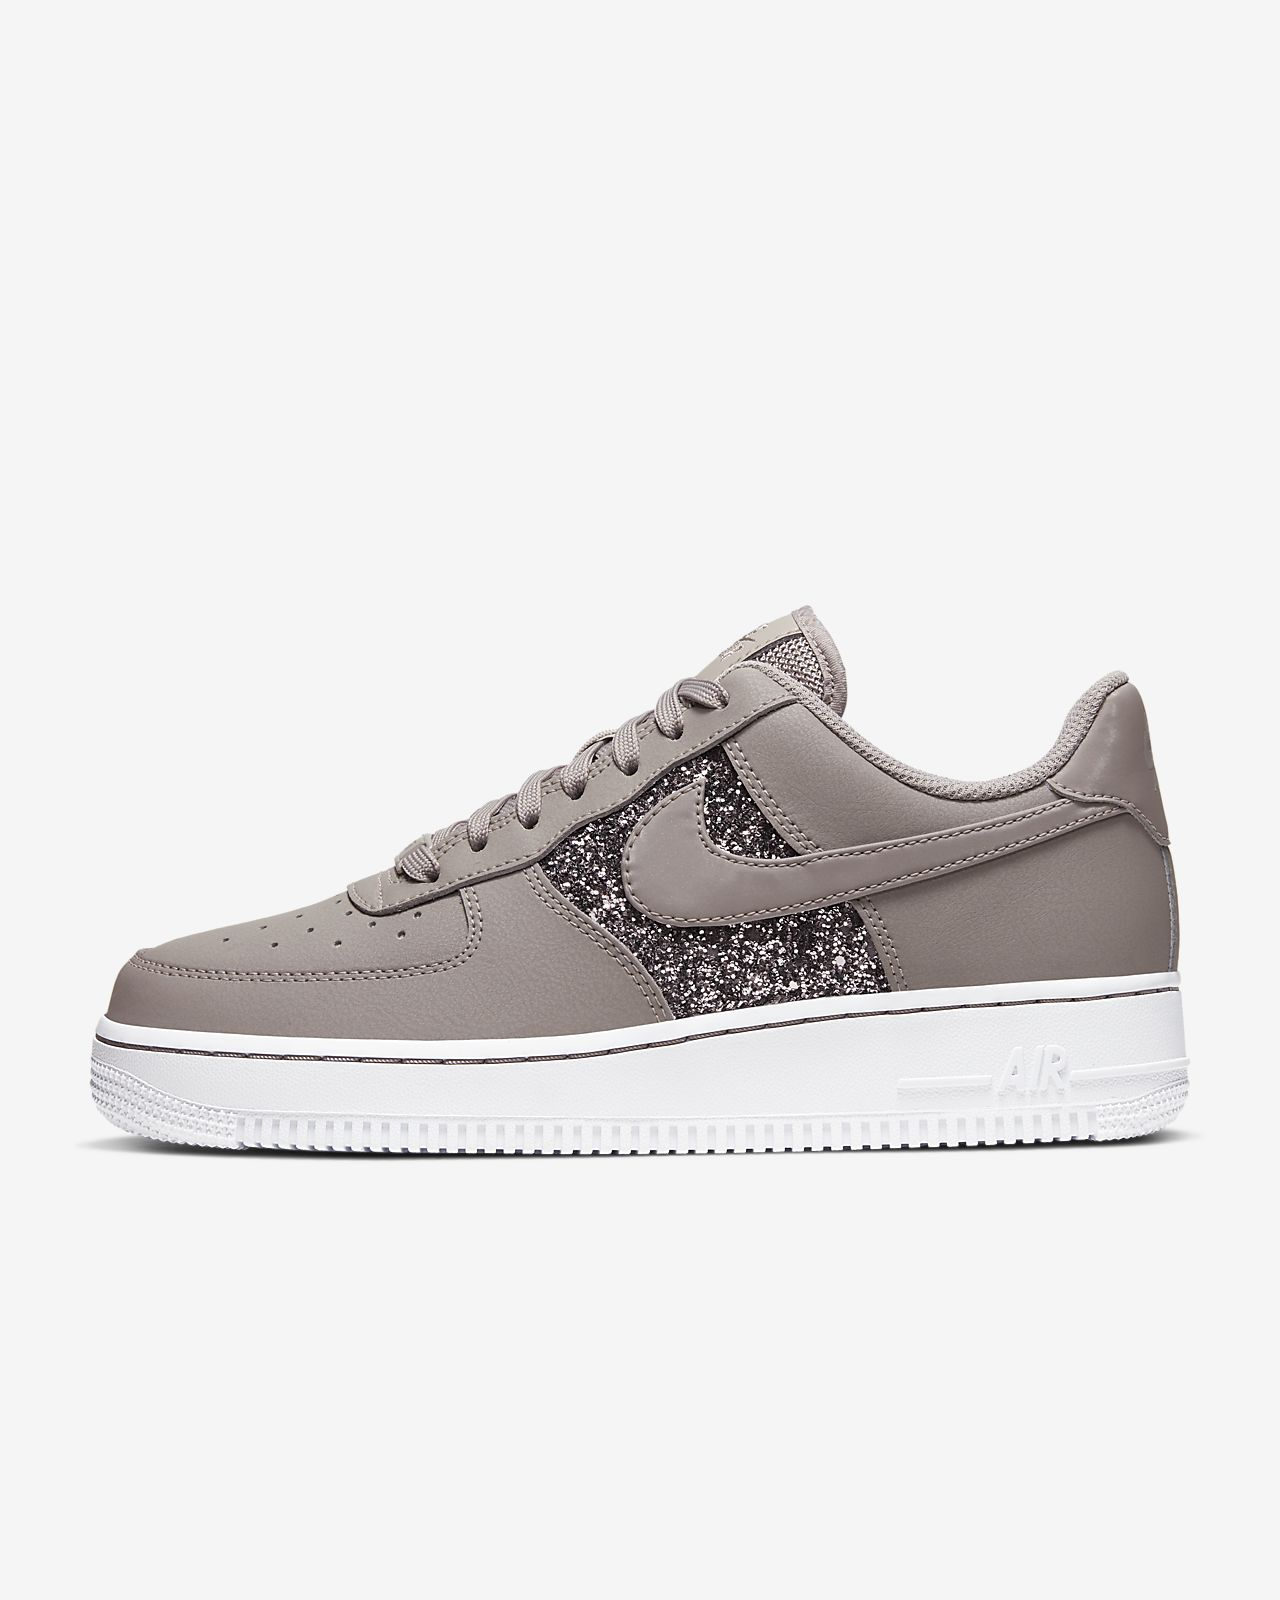 Nike Air Force 1 Low Parıltılı Kadın Ayakkabısı